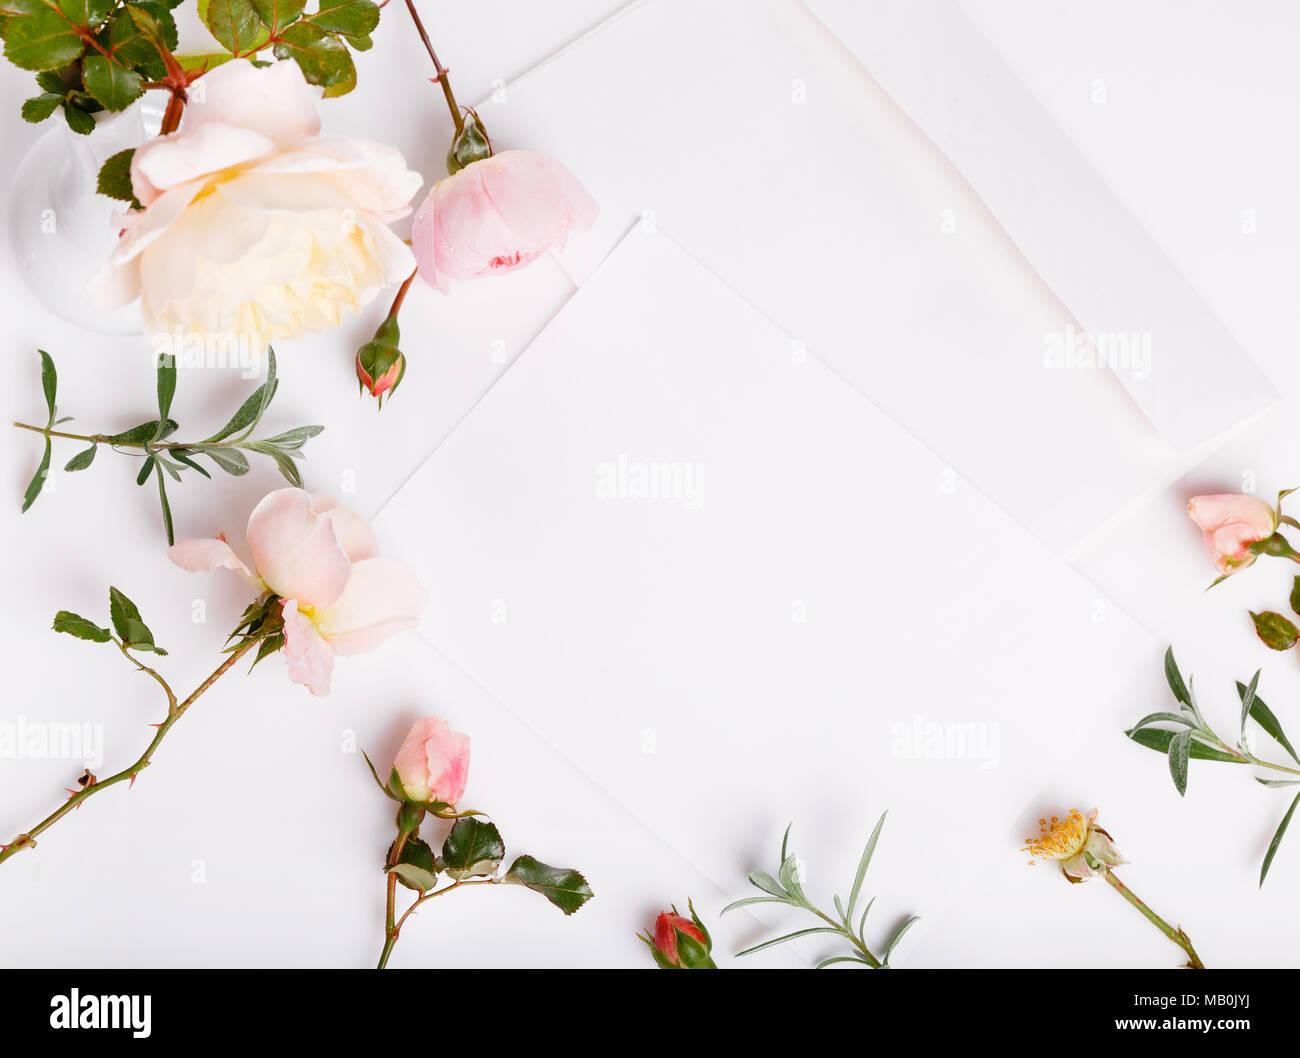 Carta Blanco Sobre Fondo Blanco Con Rosa Rosa Inglés